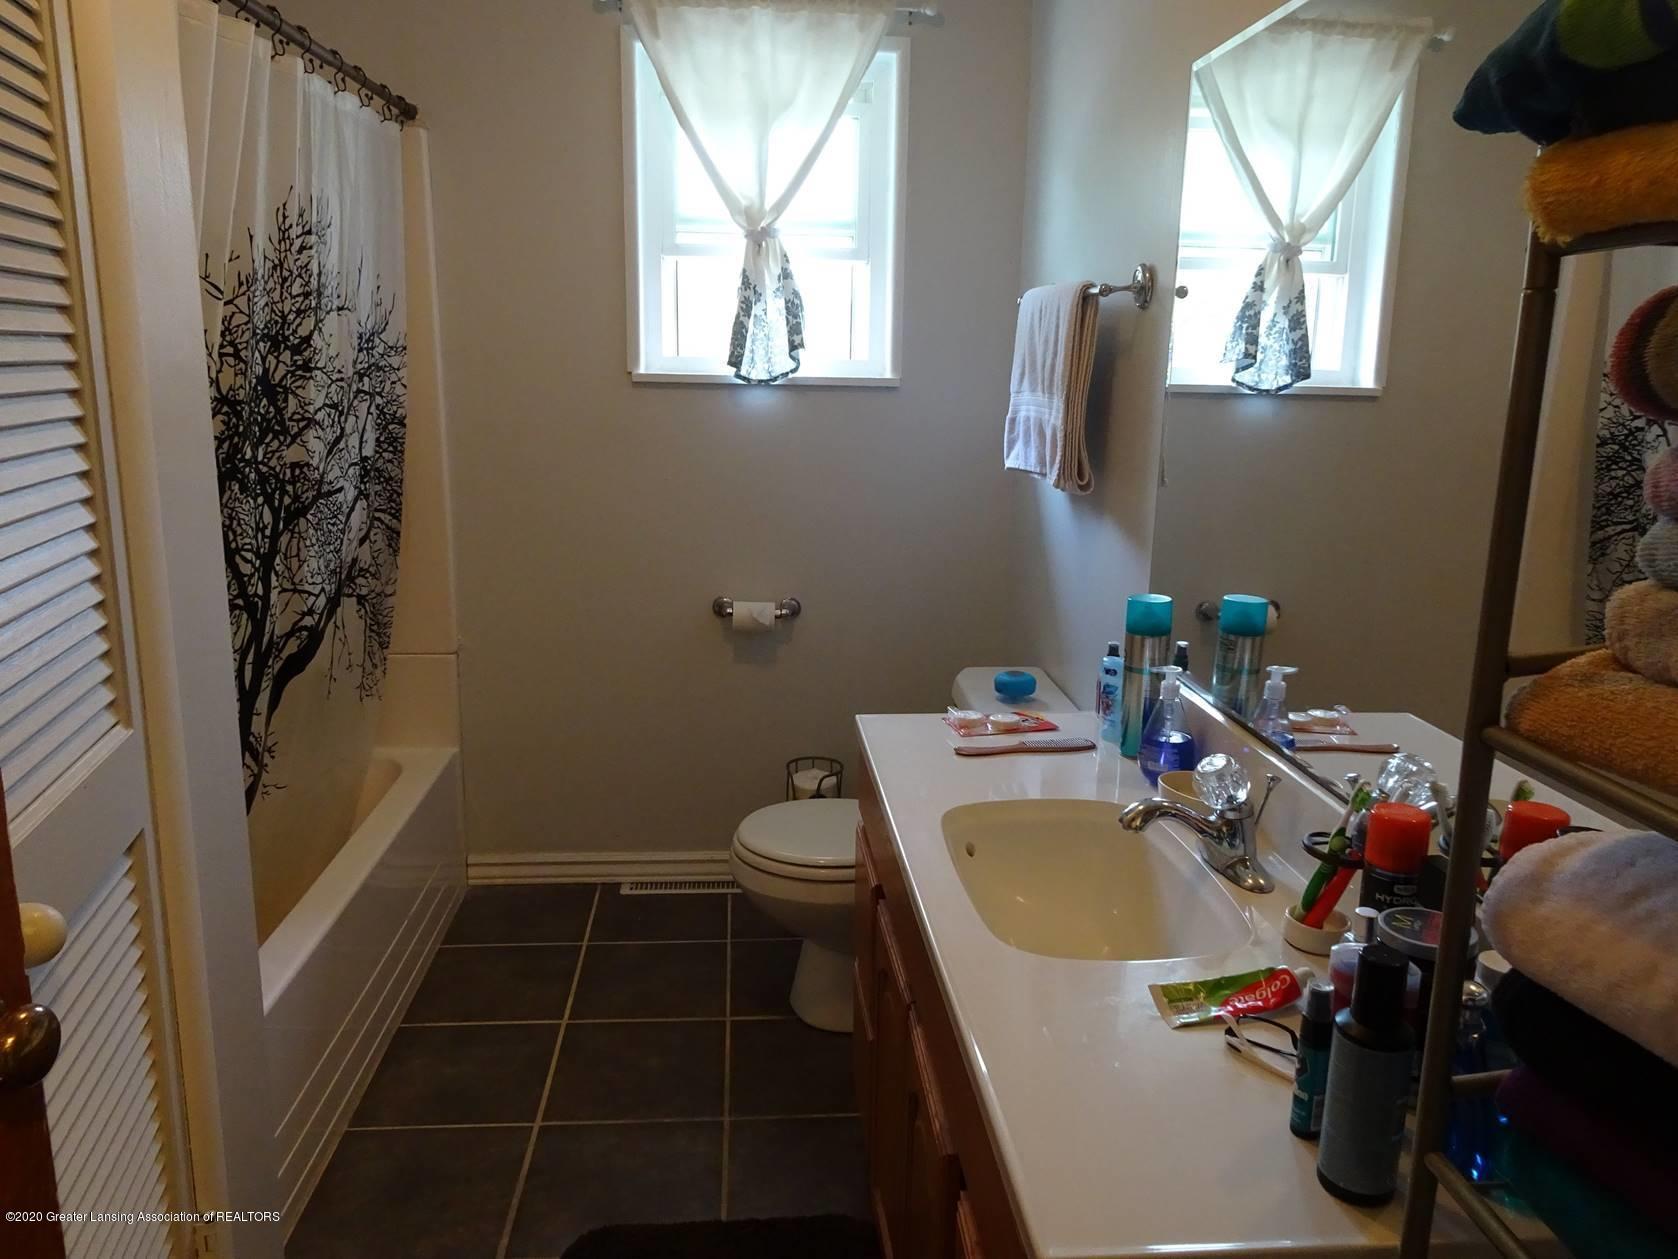 5354 N Michigan Rd - Bathroom - 6